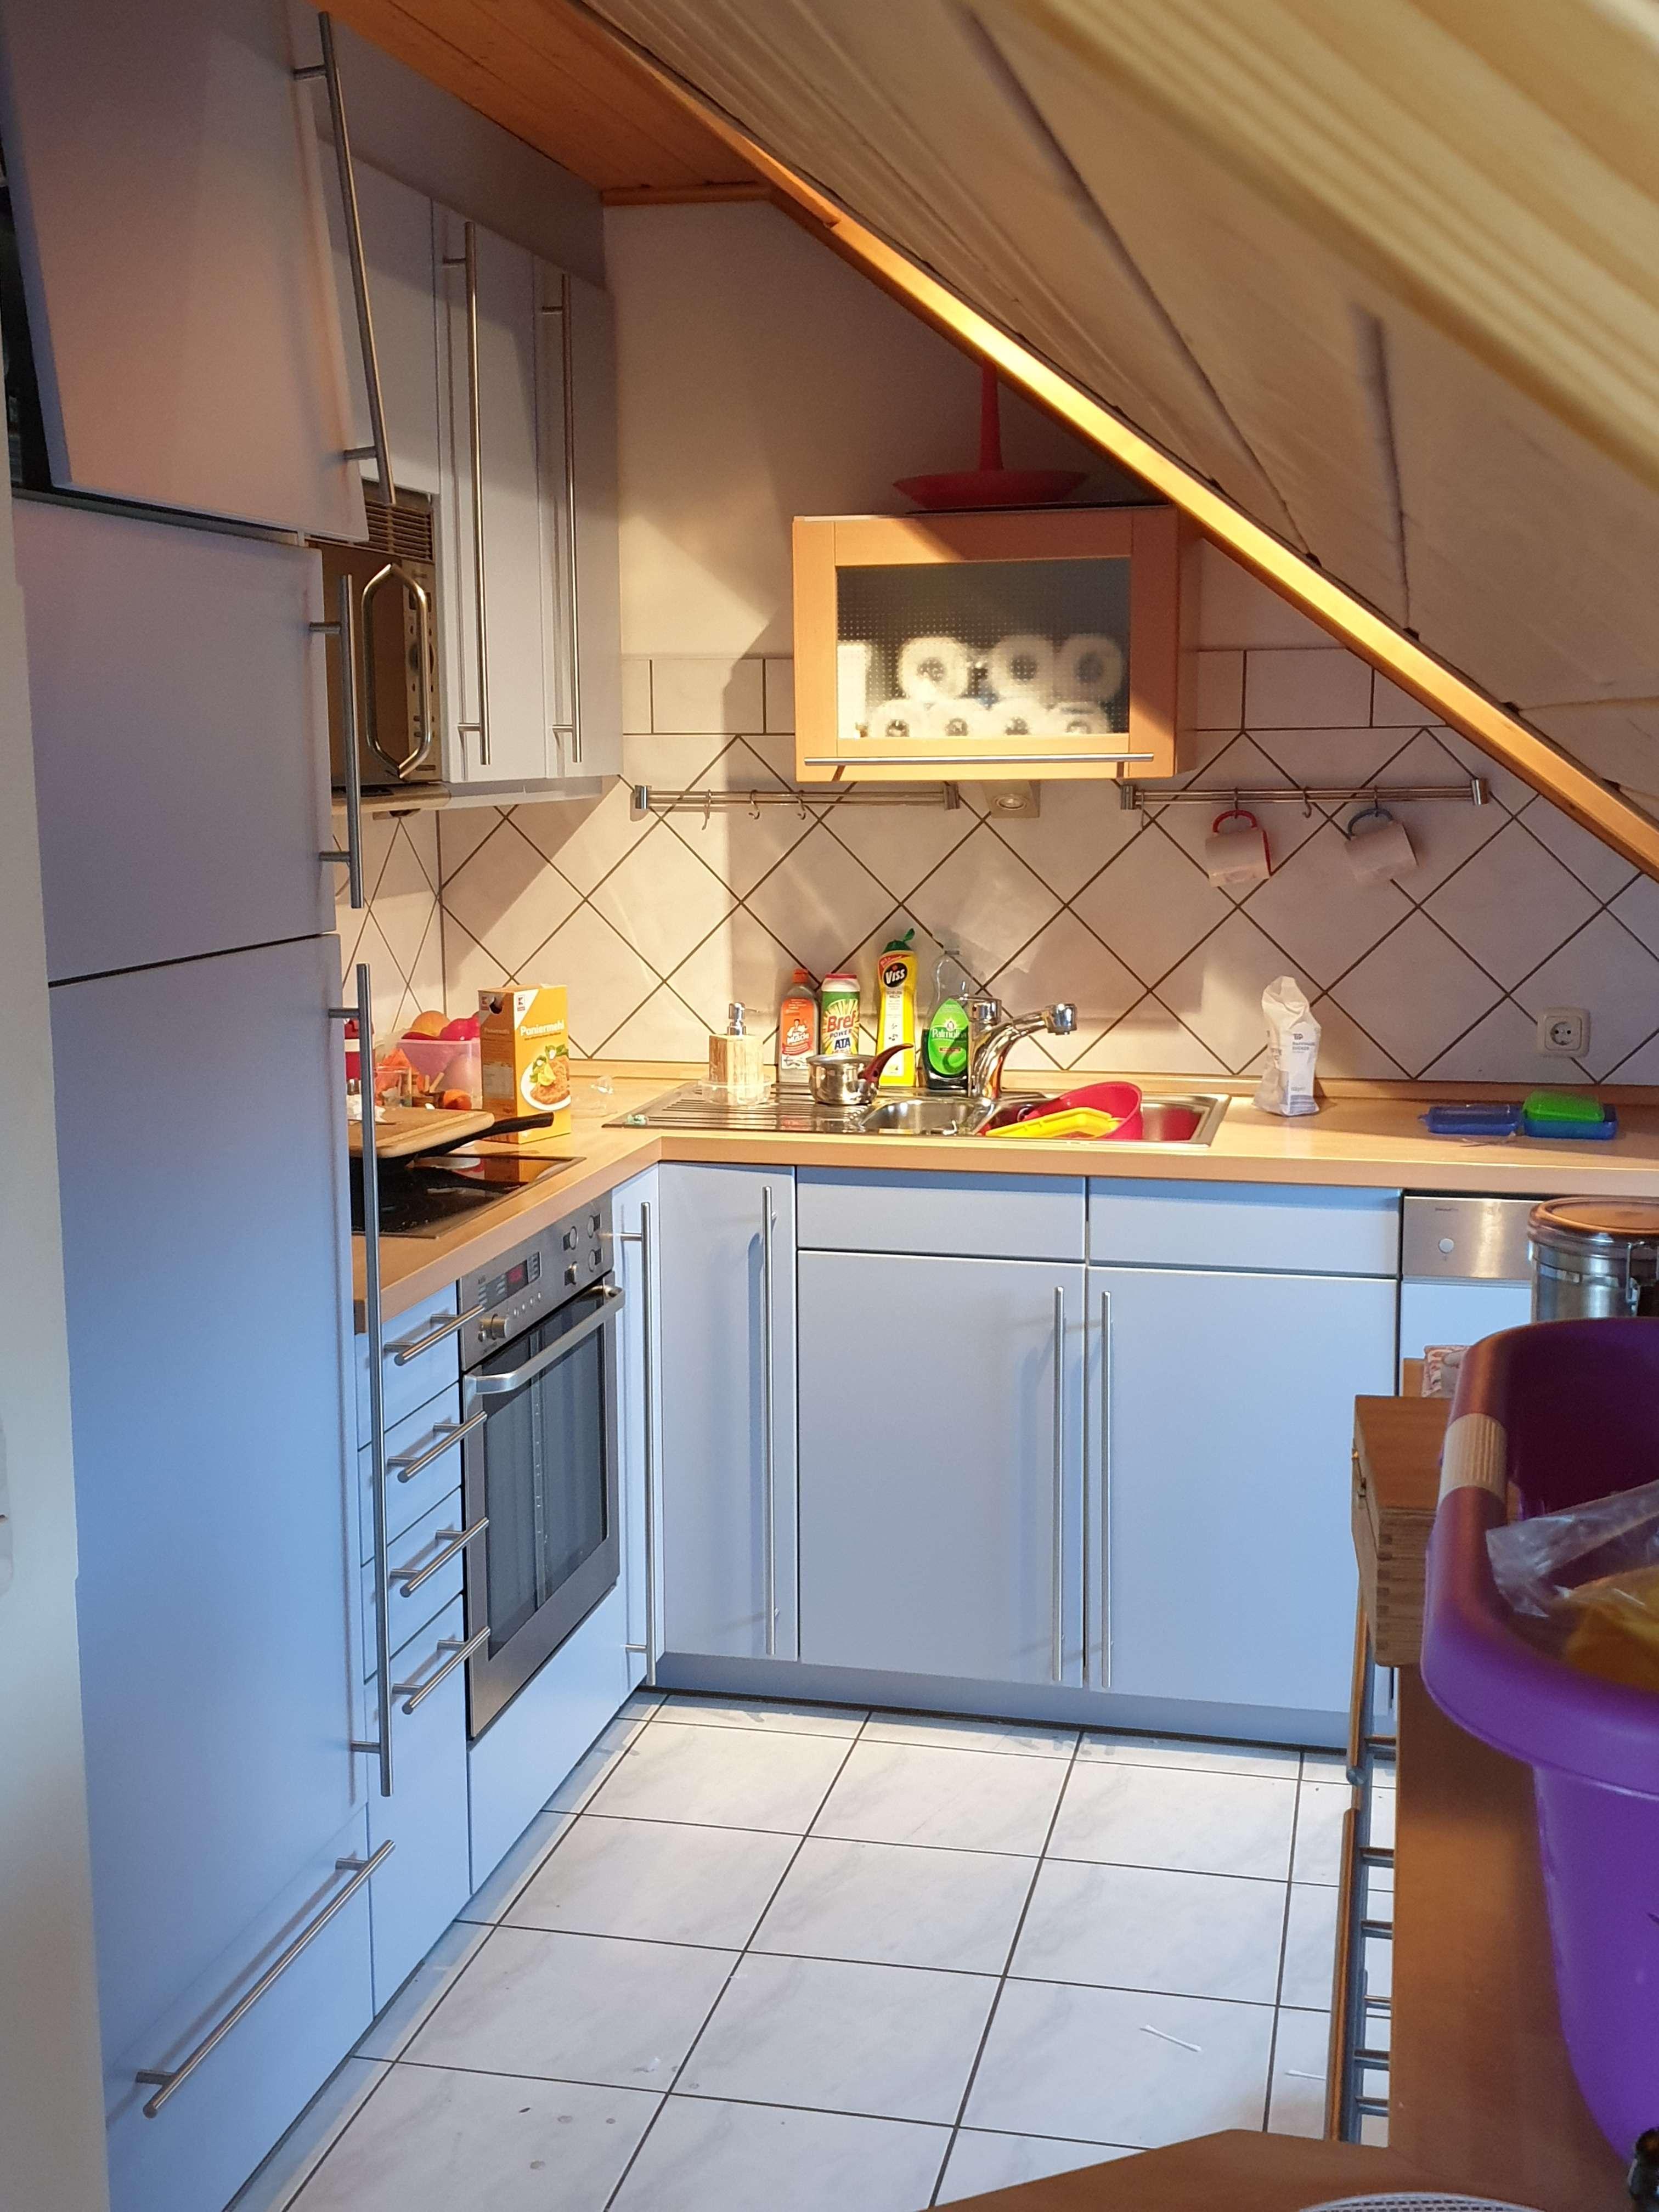 Sehr gepflegtes Haus - Tolle DG-Whg 3,5 Zimmer - Homeofficeplatz u. Bulthaup-EBK /Roth-Eckersmühlen in